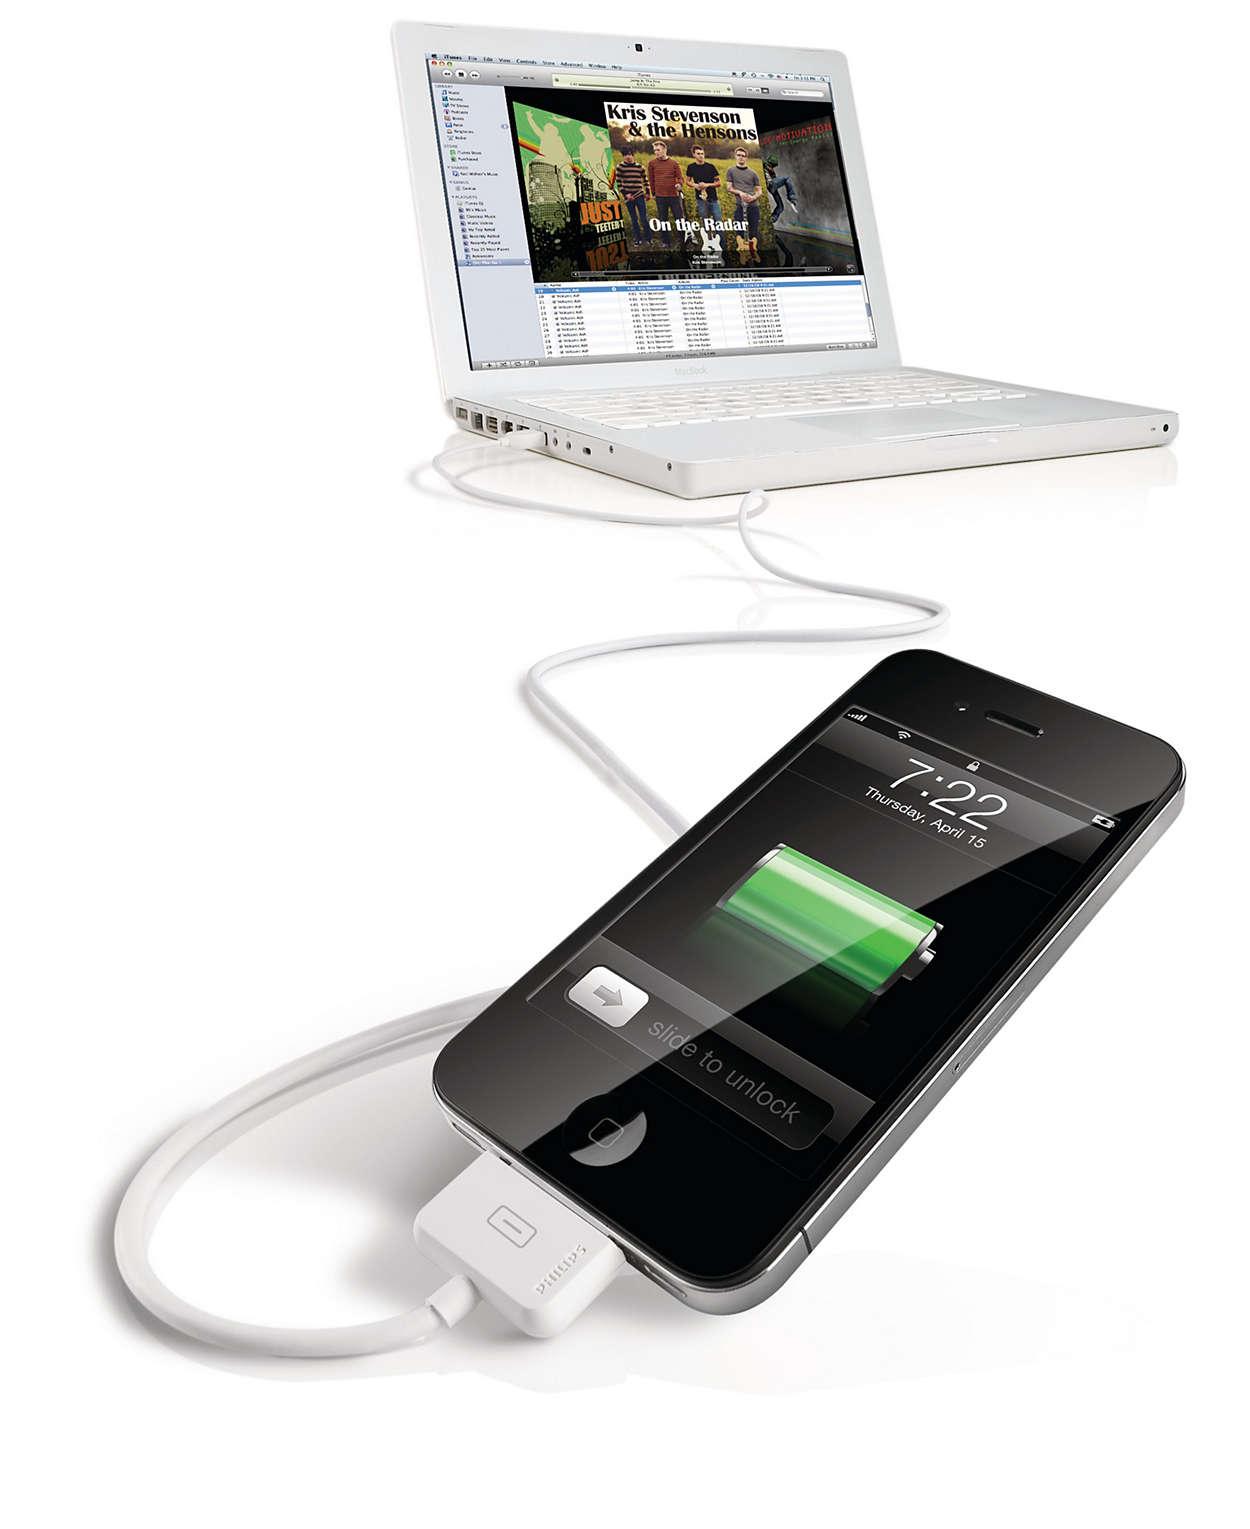 Anschluss an den Computer über USB